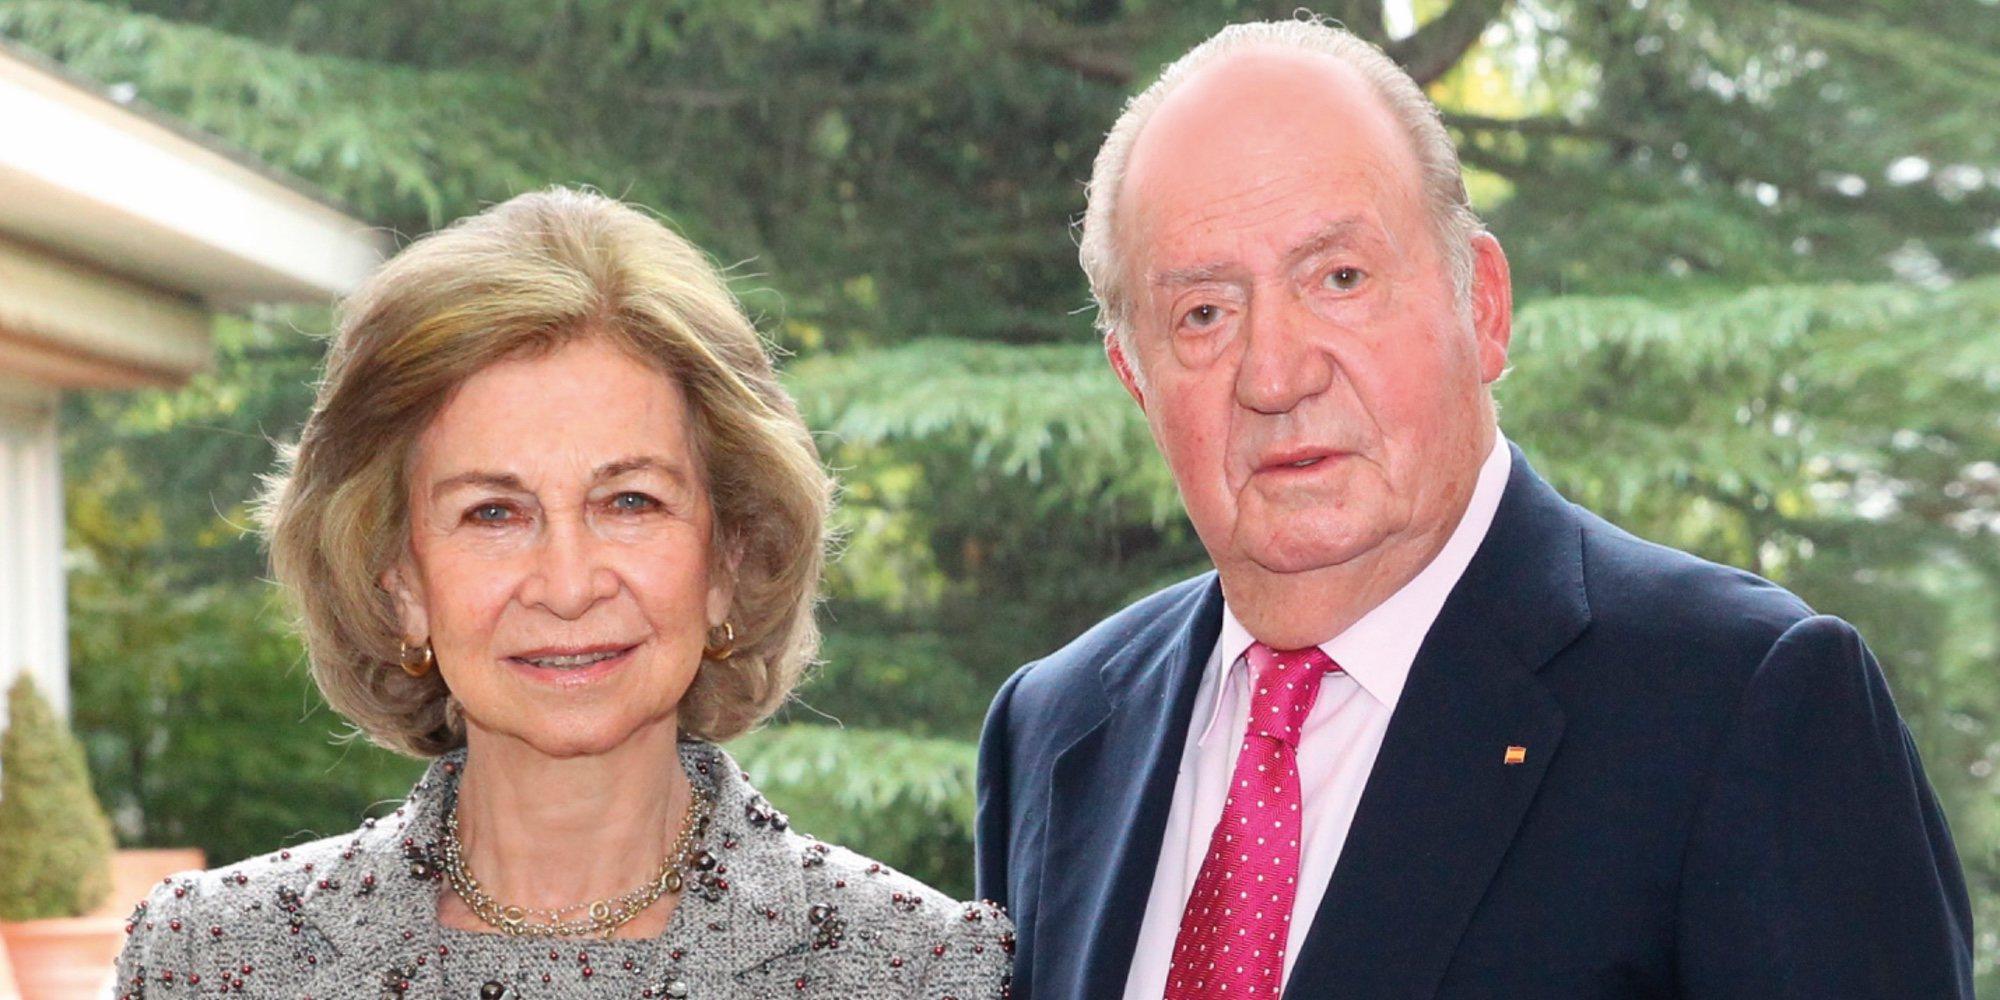 Los Reyes Juan Carlos y Sofía hacen oficial su reconciliación en su felicitación de Navidad 2018